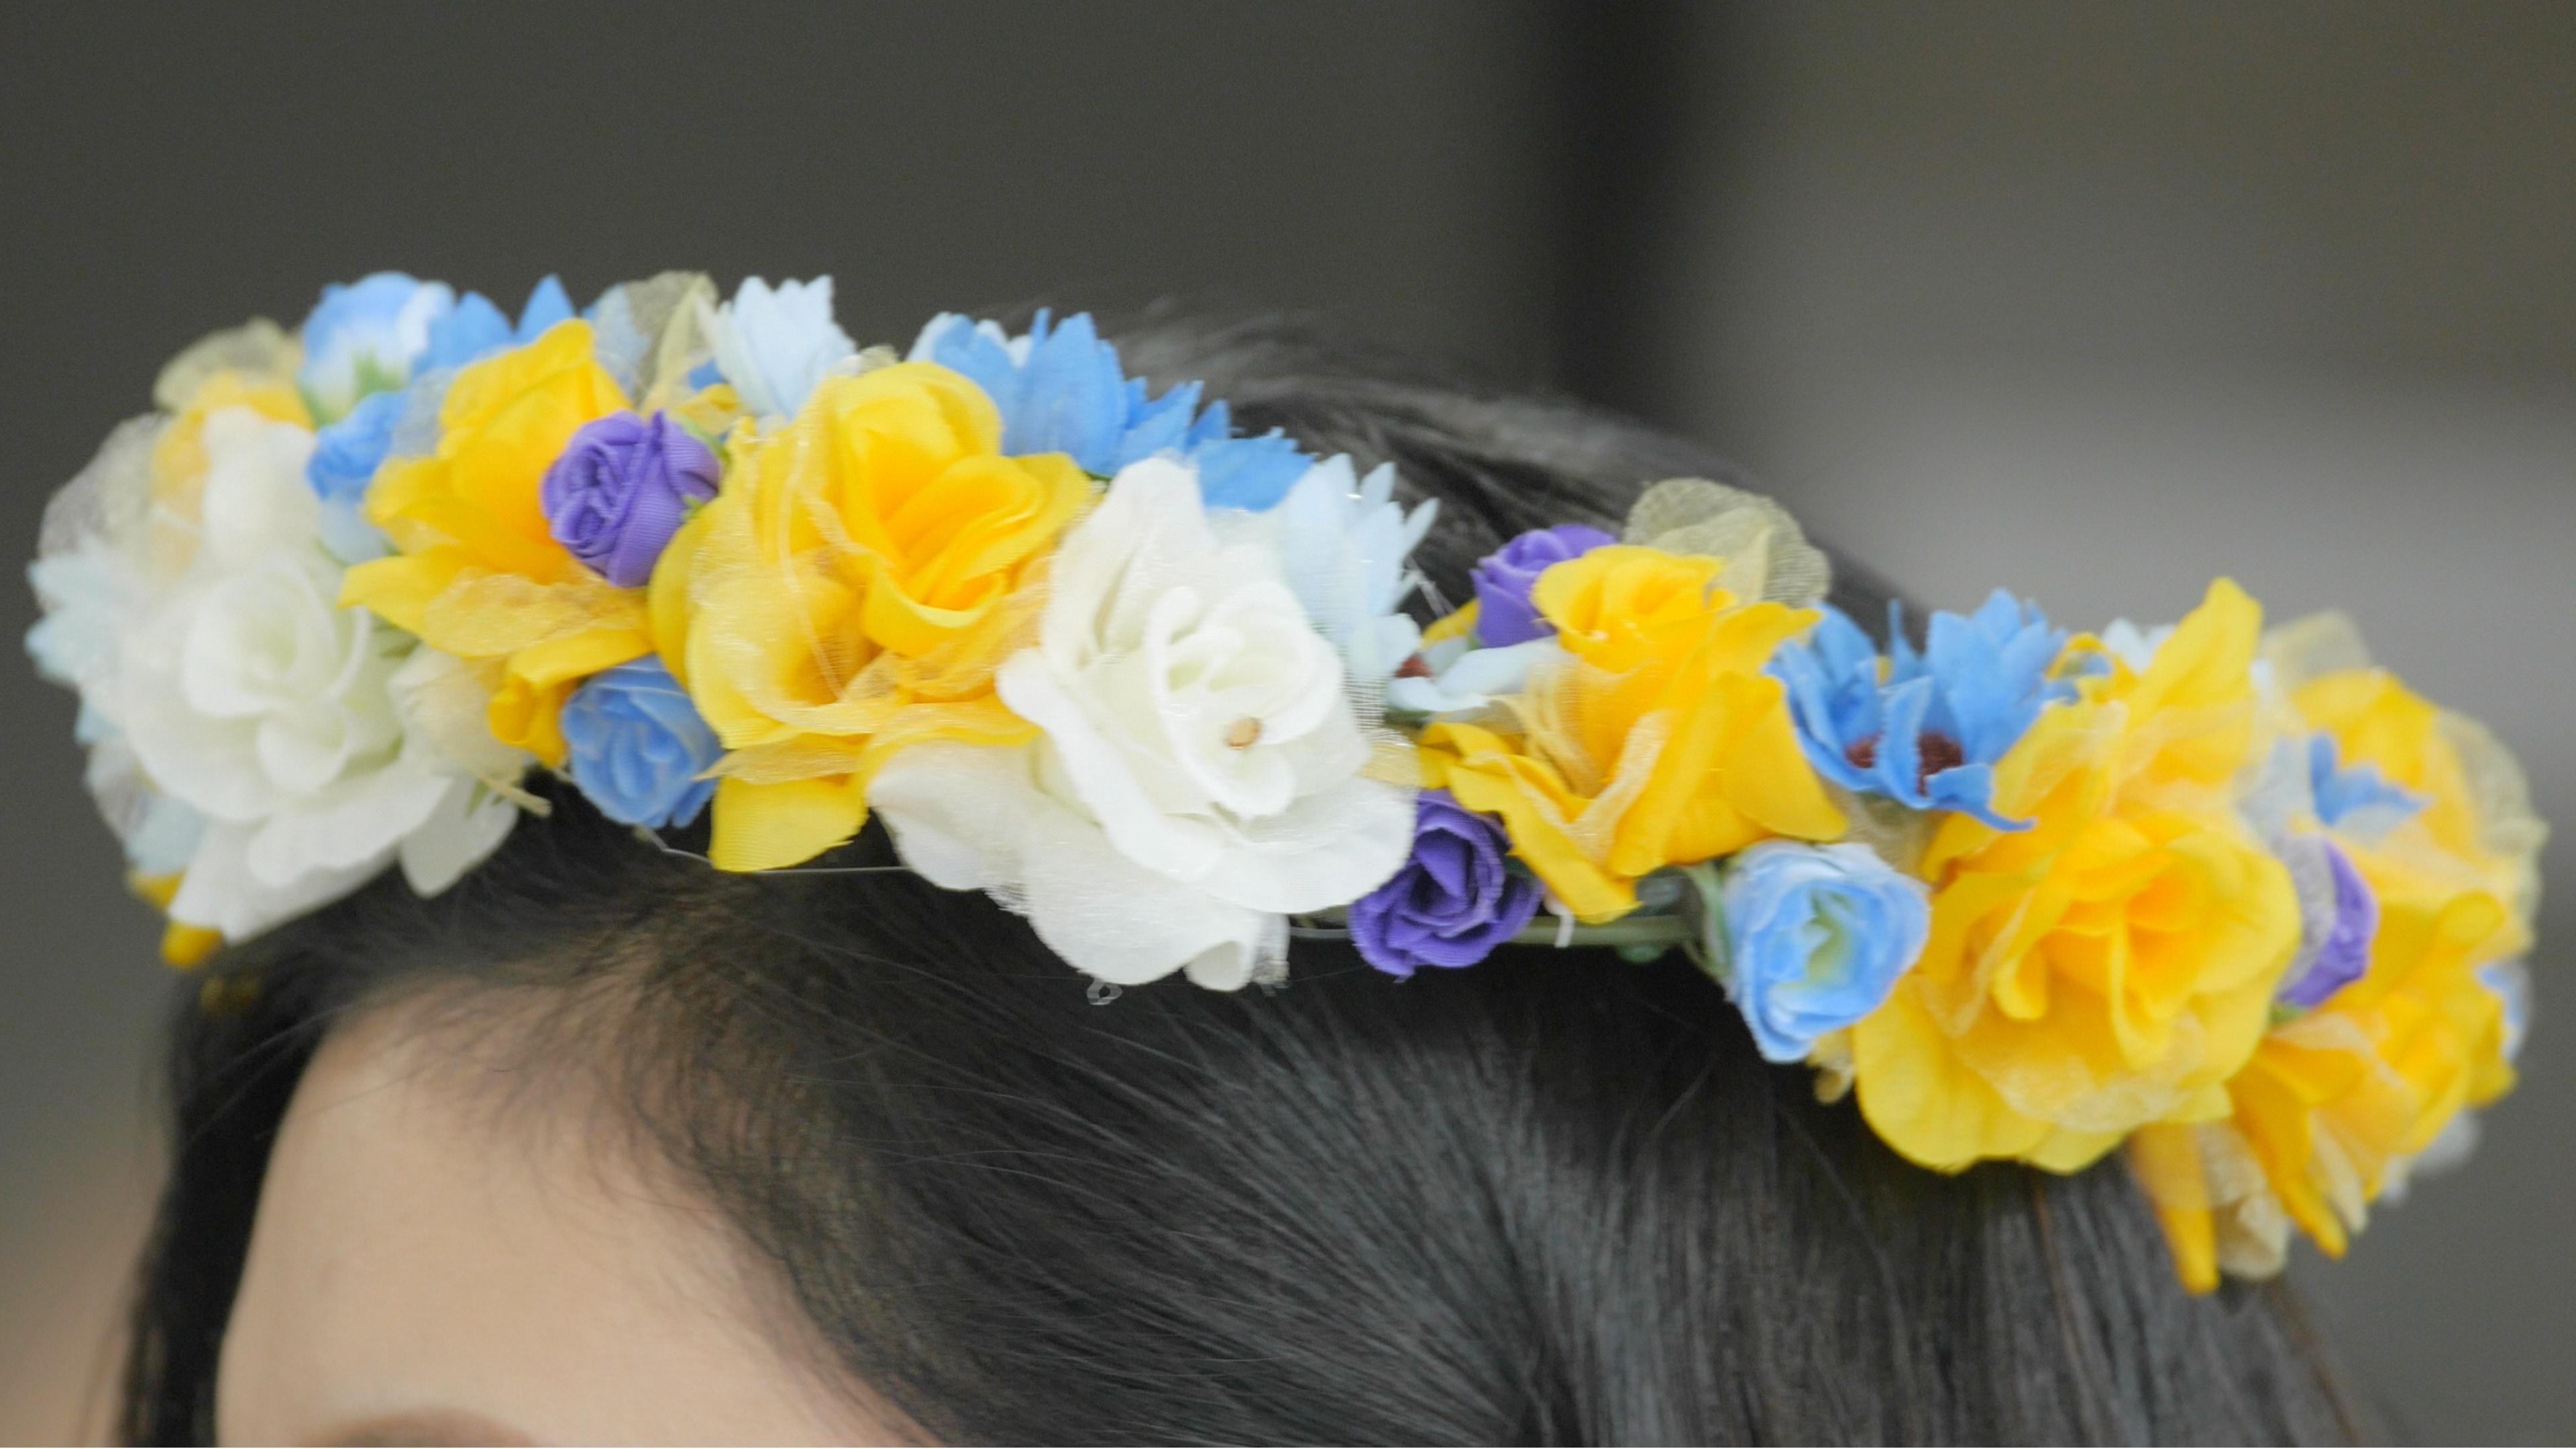 【DIY】フェスの服装に合わせた花冠